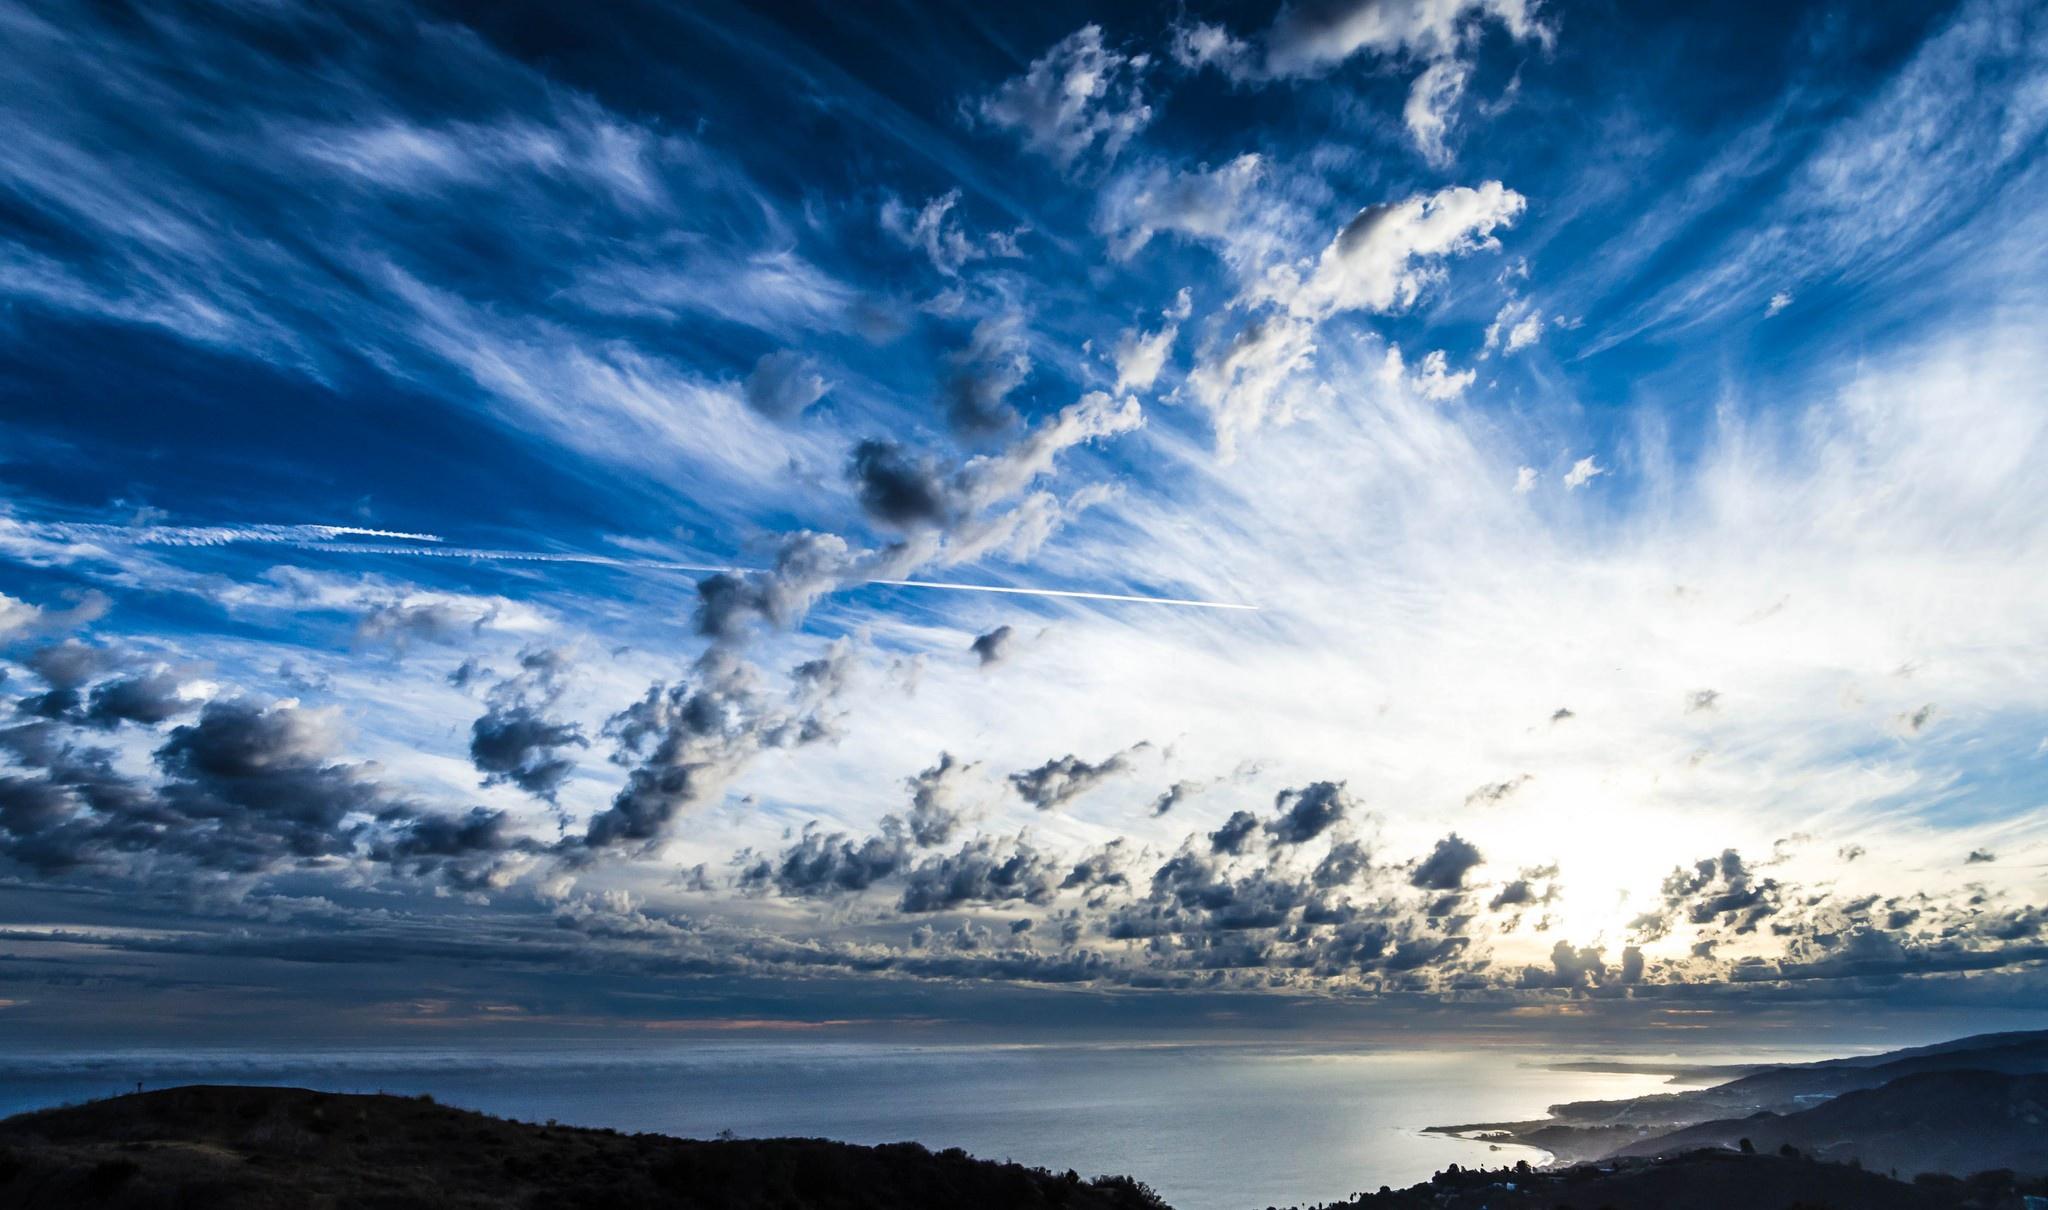 для инвалидов красивые фото неба высокого качества собаки провоцируют